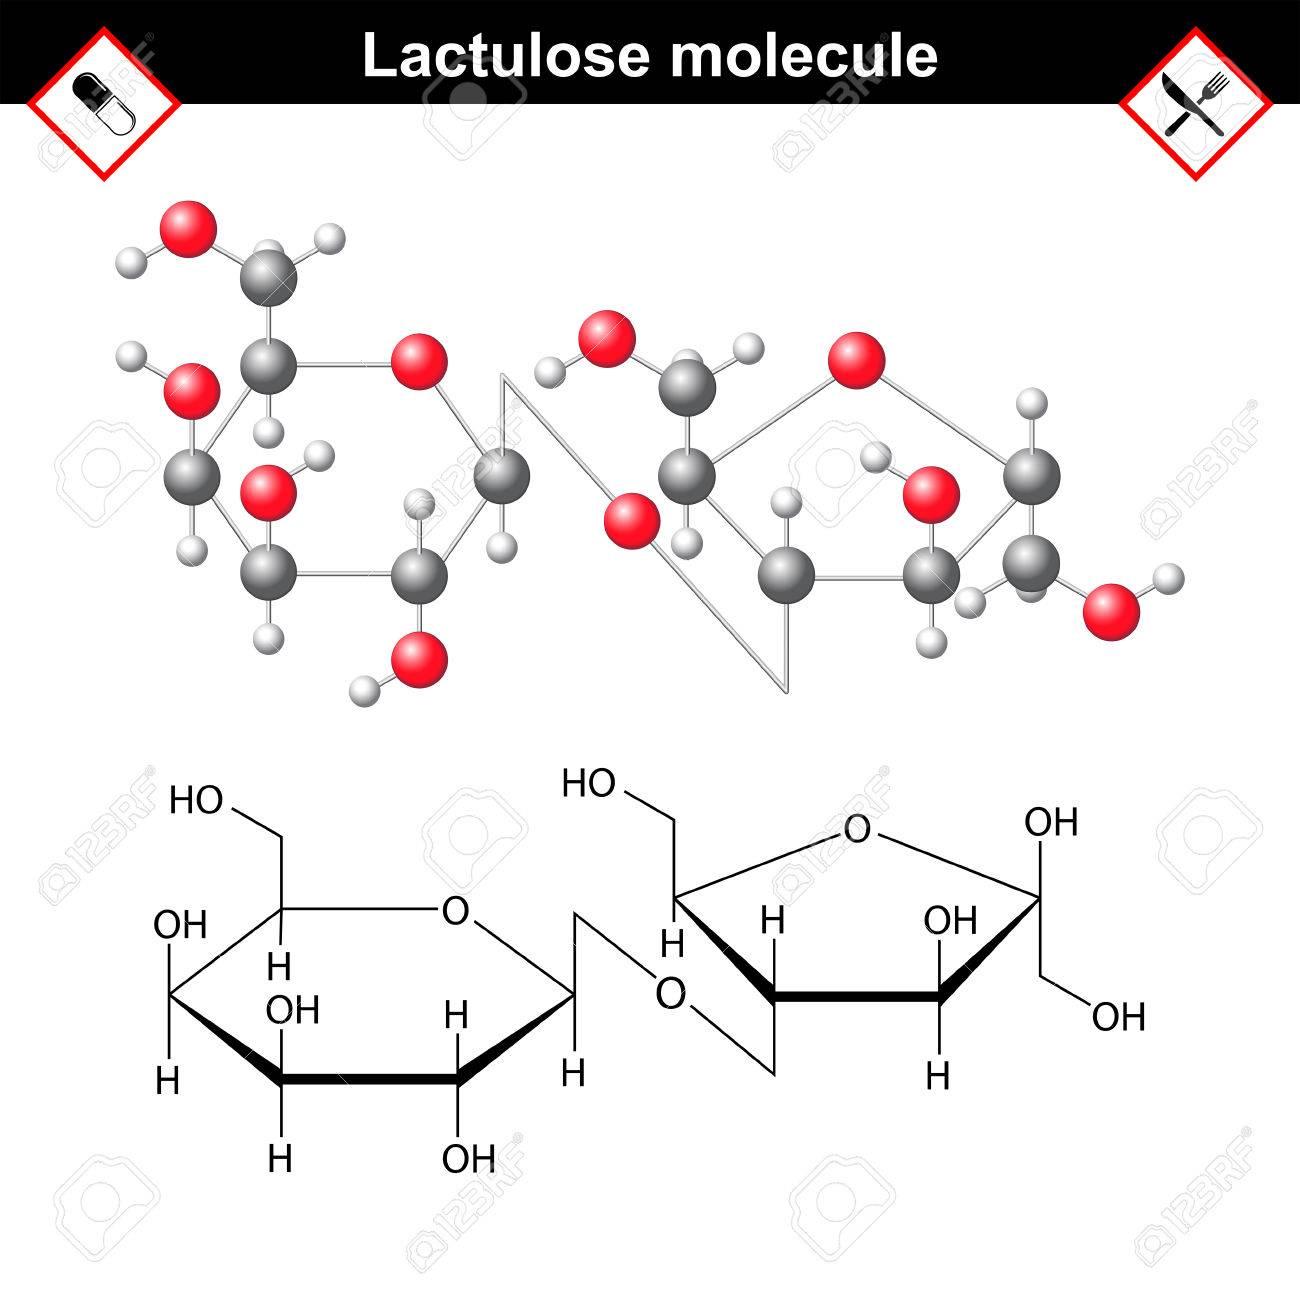 La Lactulosa Estructura Molecular Estereoisómero De La Lactosa Las Drogas Médicas 2d Y 3d Ilustración Vectorial